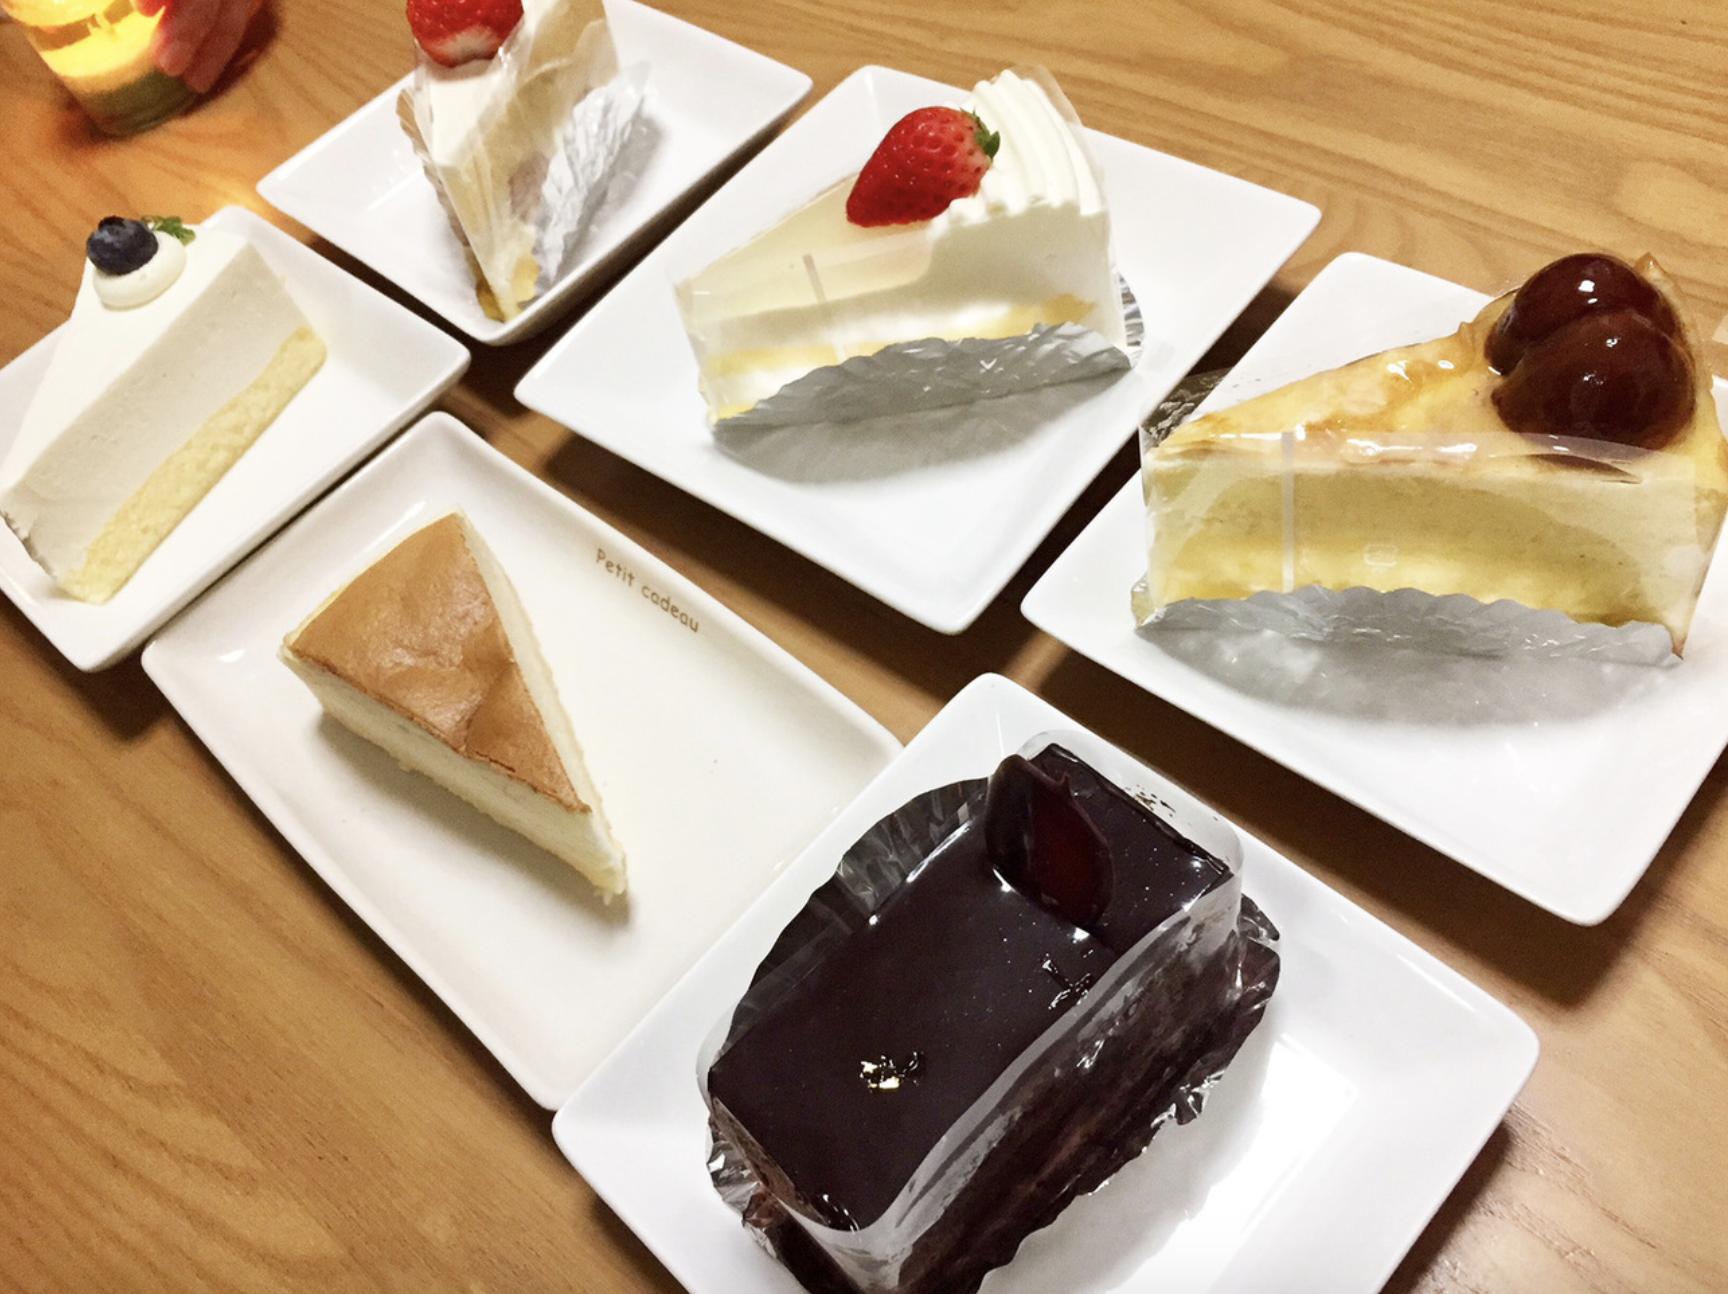 oubonのテイクアウトできるケーキ